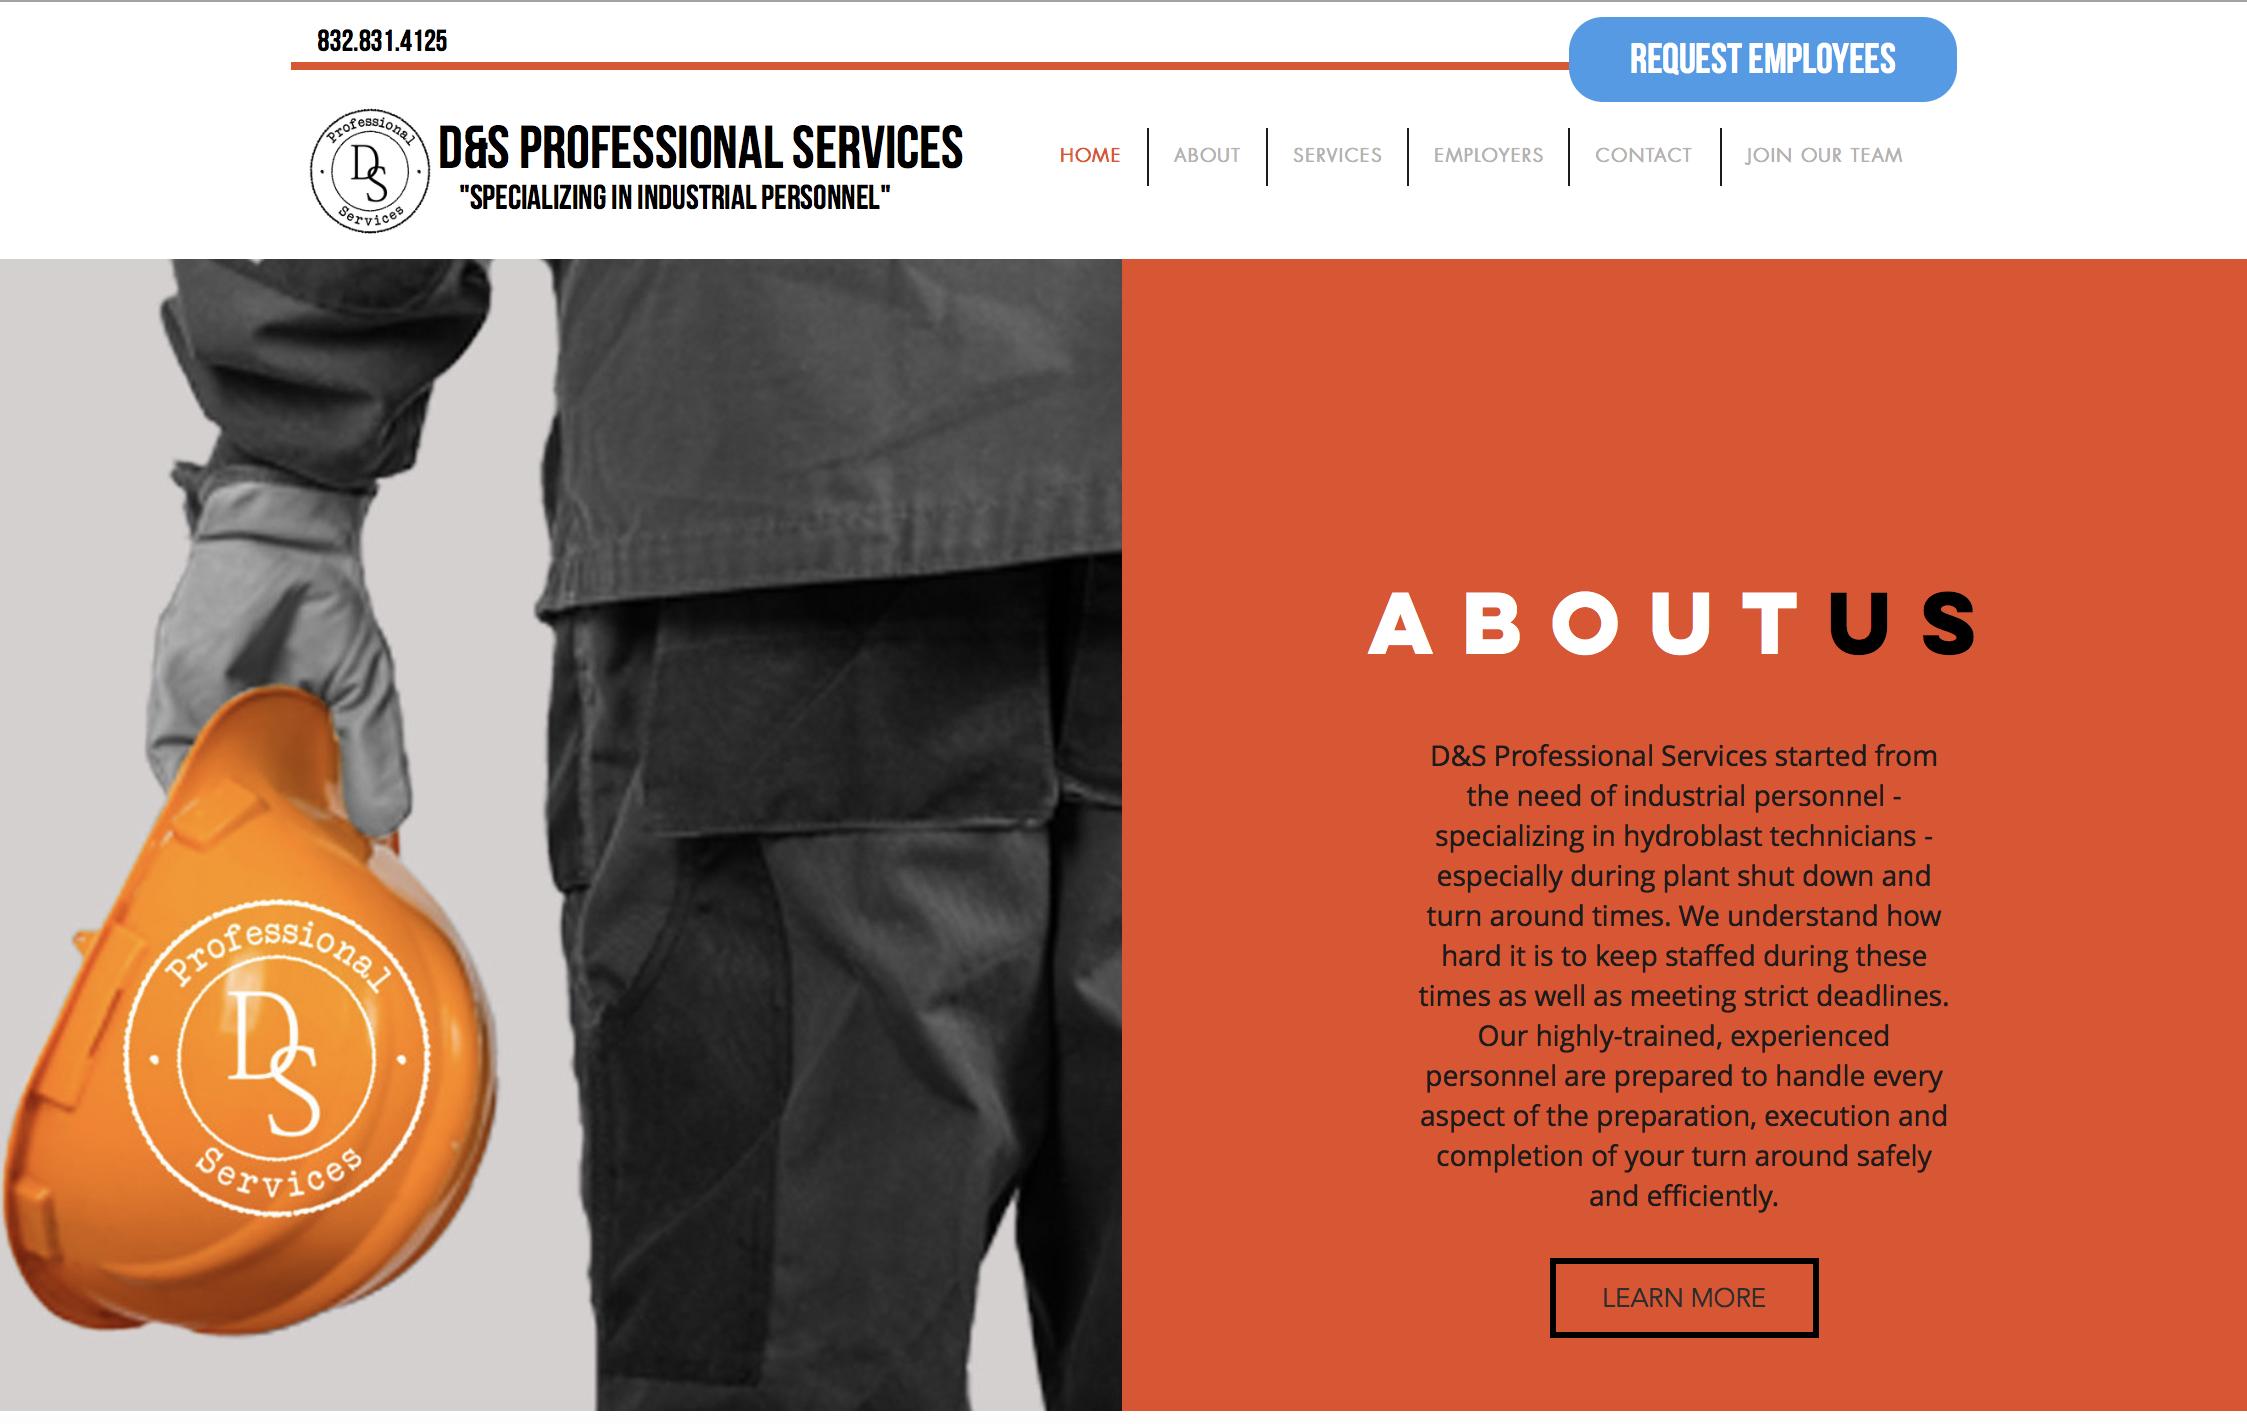 D&S Professional Services